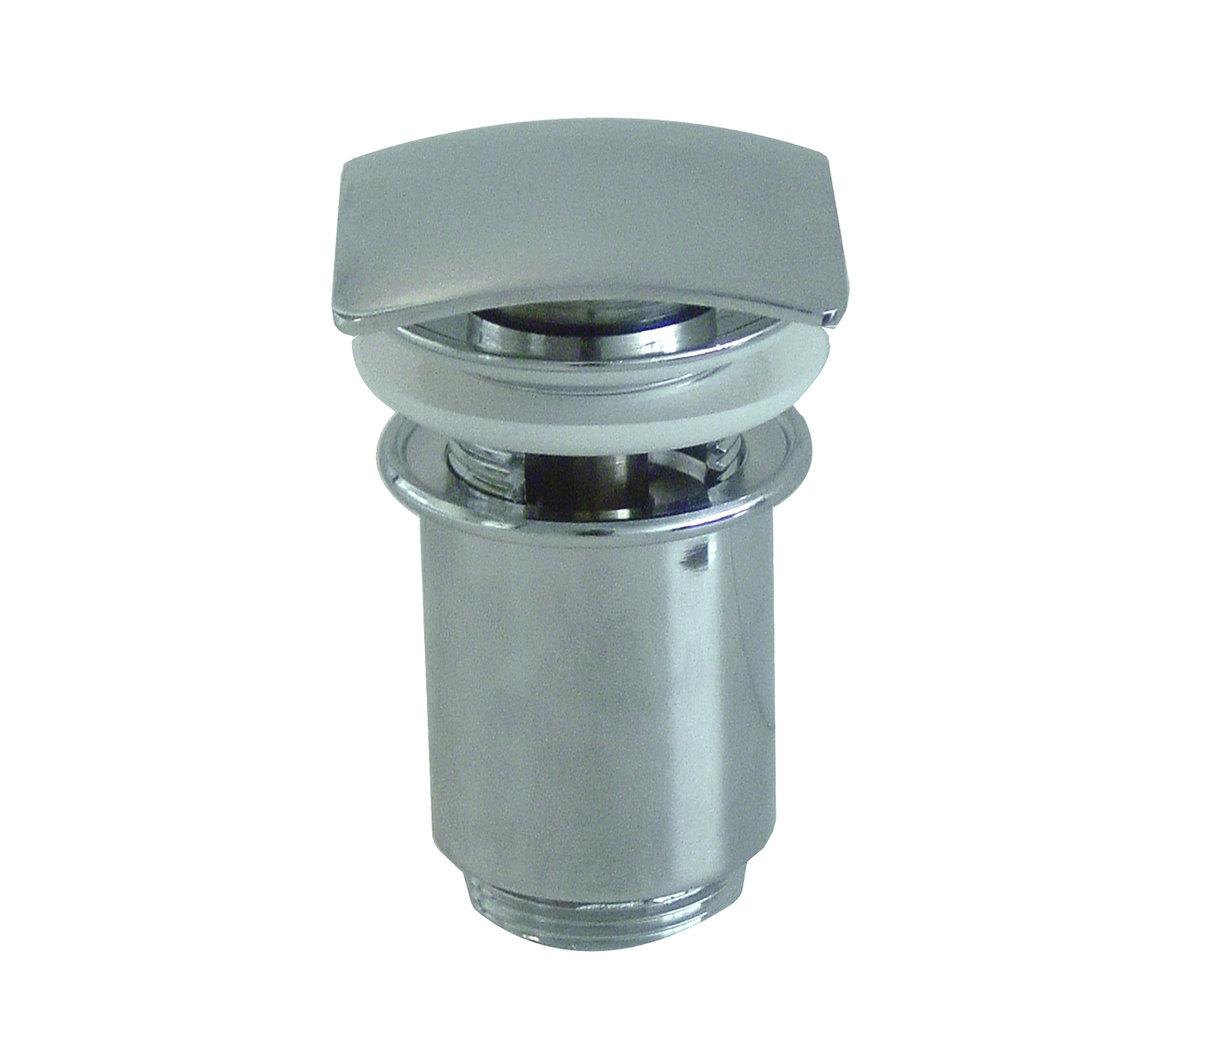 Just Taps Plus SQ, Basin Waste Click Clack C.P SQ709CC